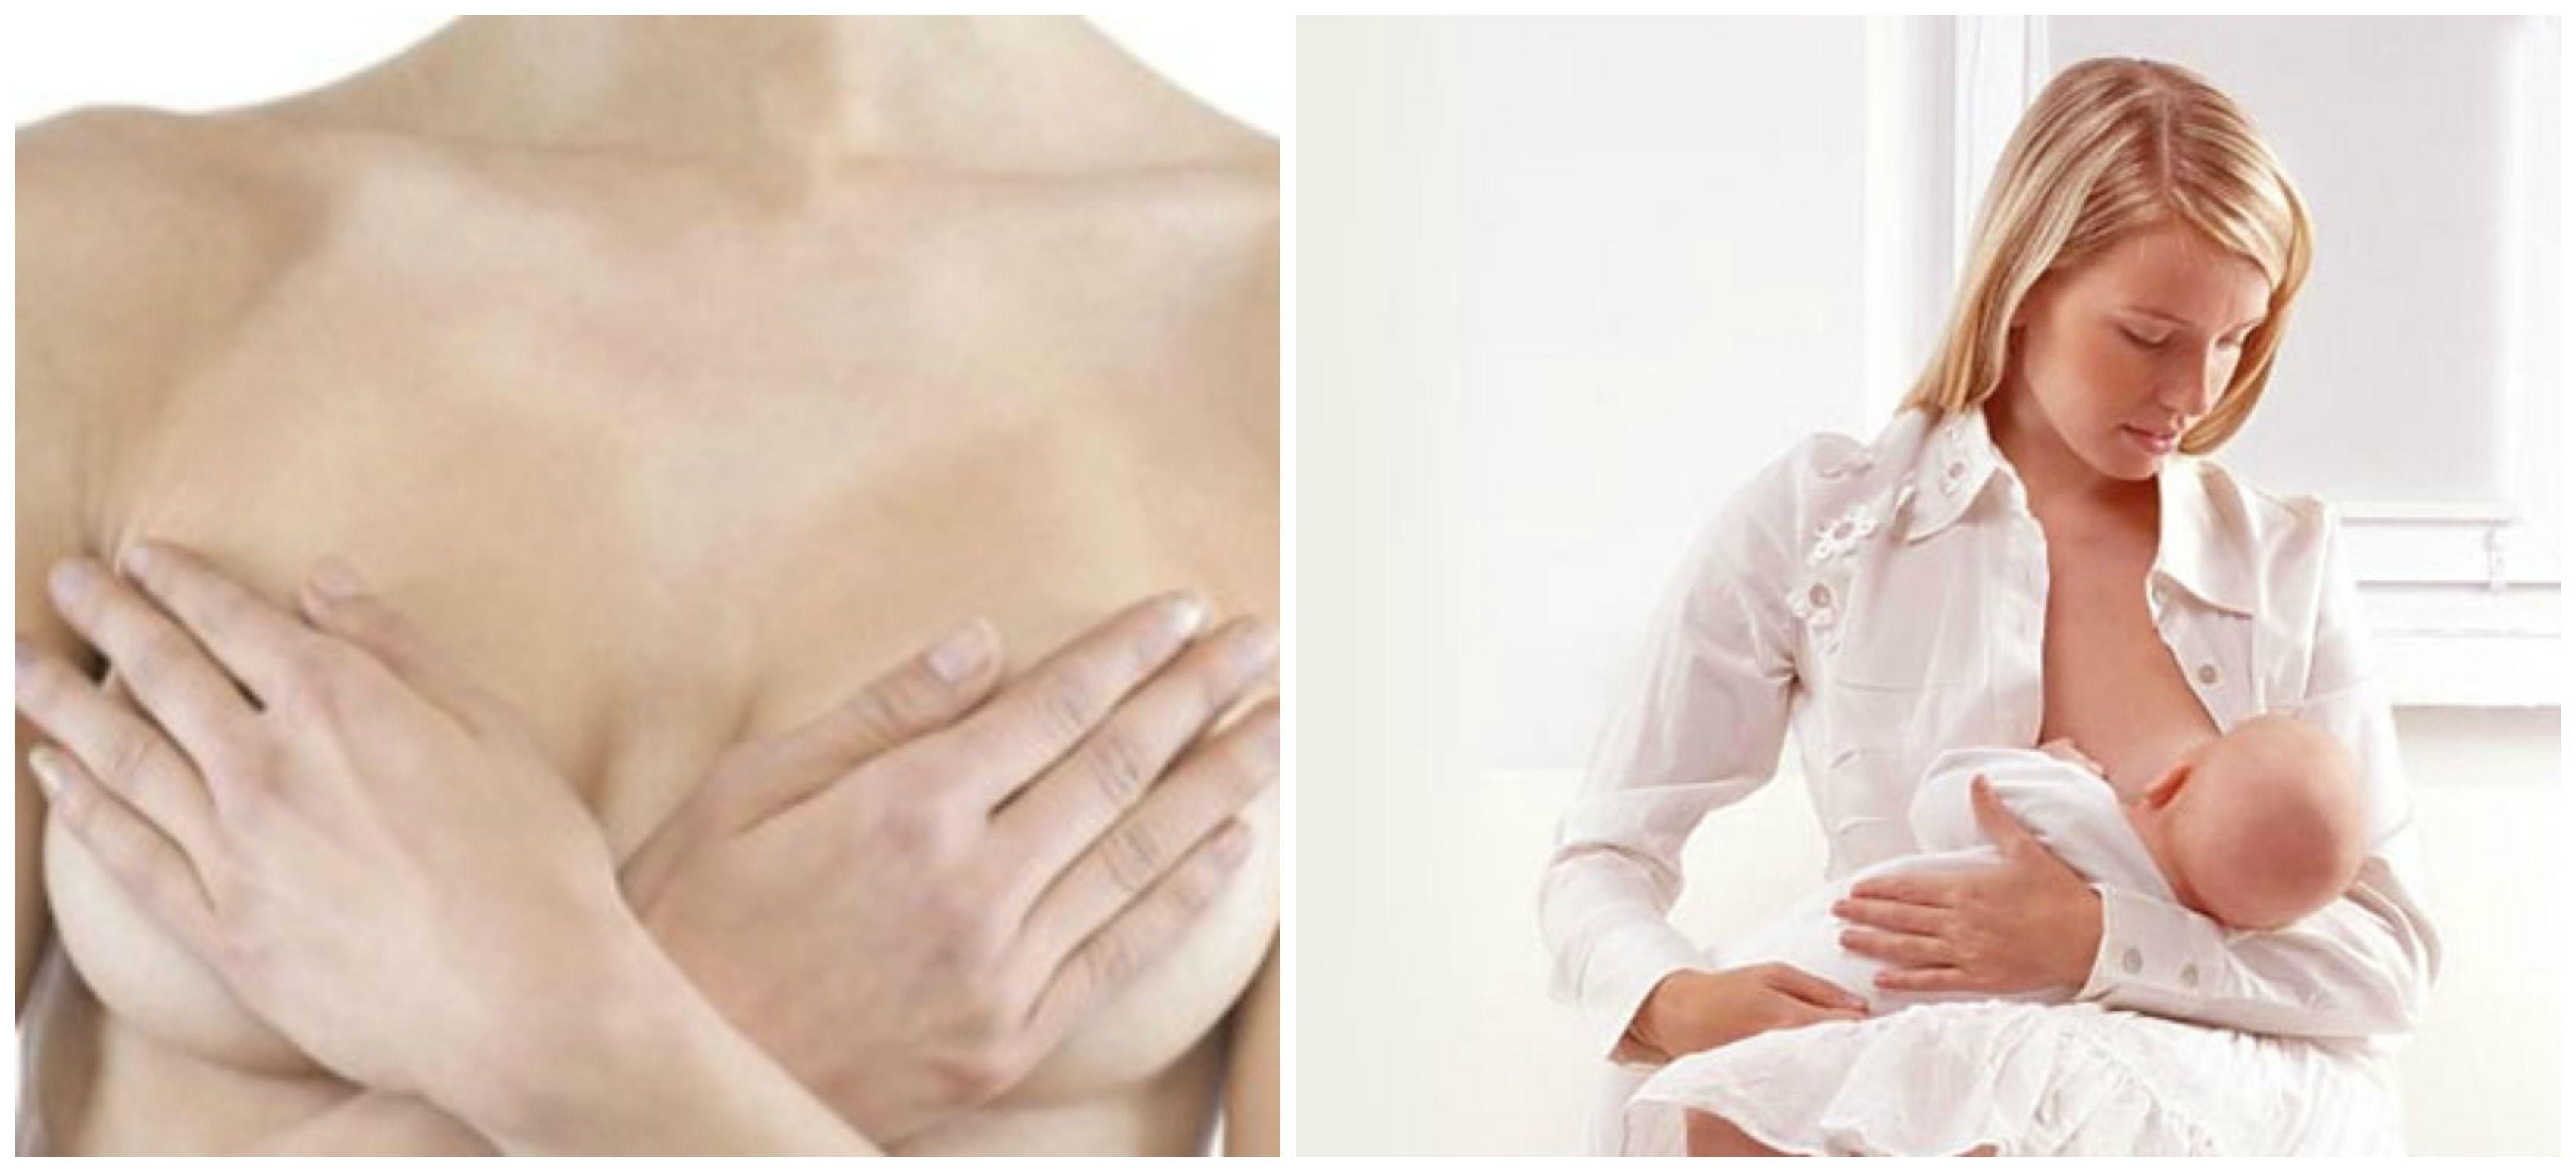 женщина скрестила на груди руки, кормление грудью малыша